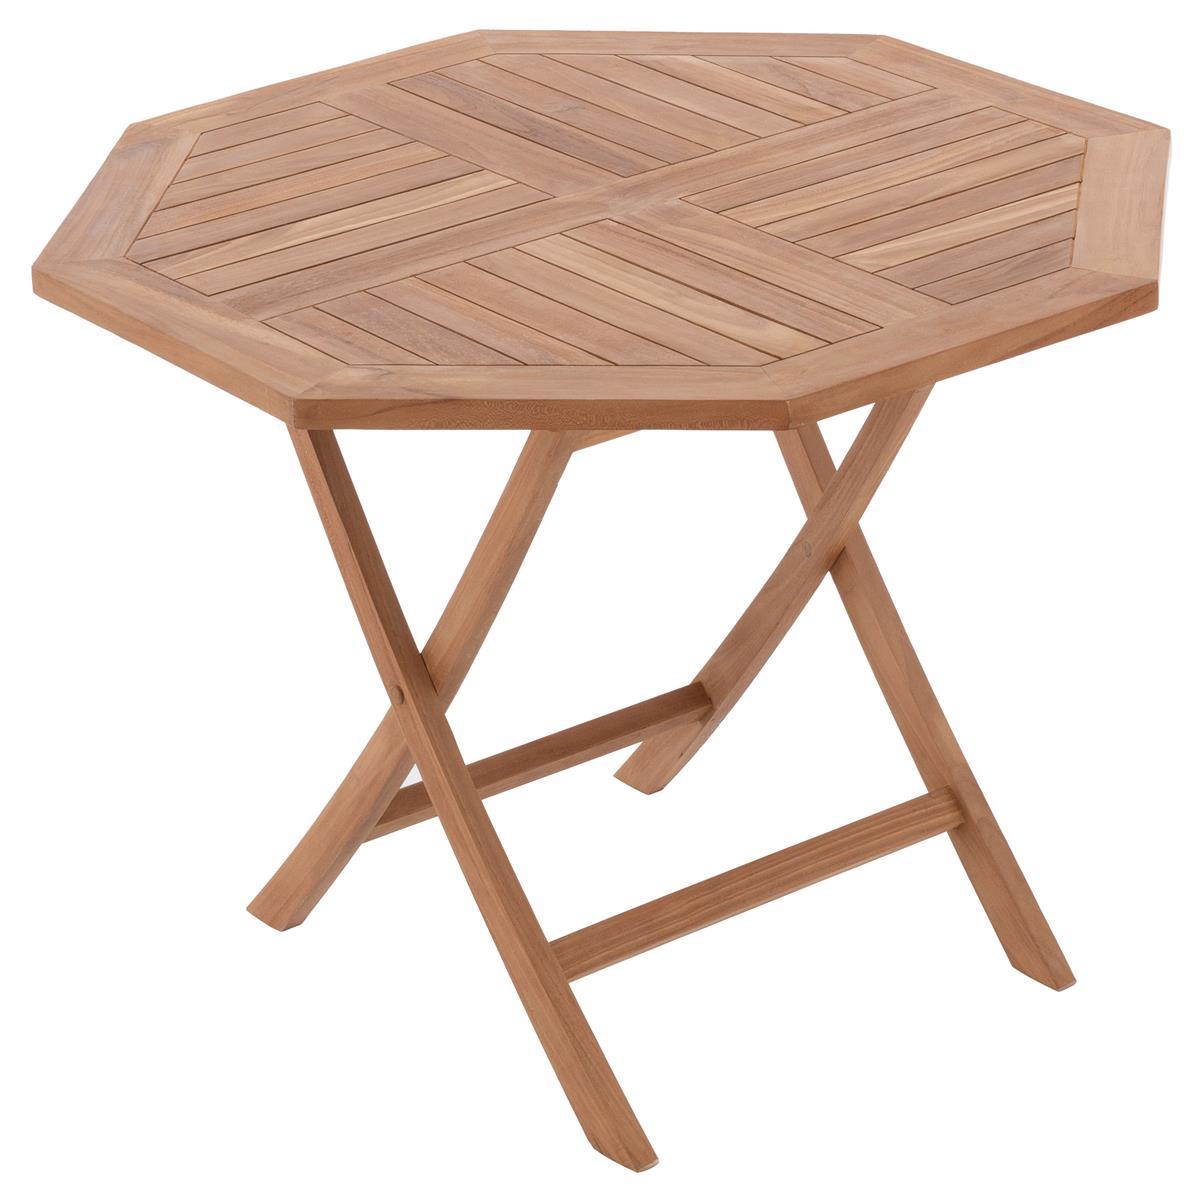 Full Size of Balkontisch Klappbar Divero Gartentisch Tisch Holz Teak Behandelt Bett Ausklappbar Ausklappbares Wohnzimmer Balkontisch Klappbar